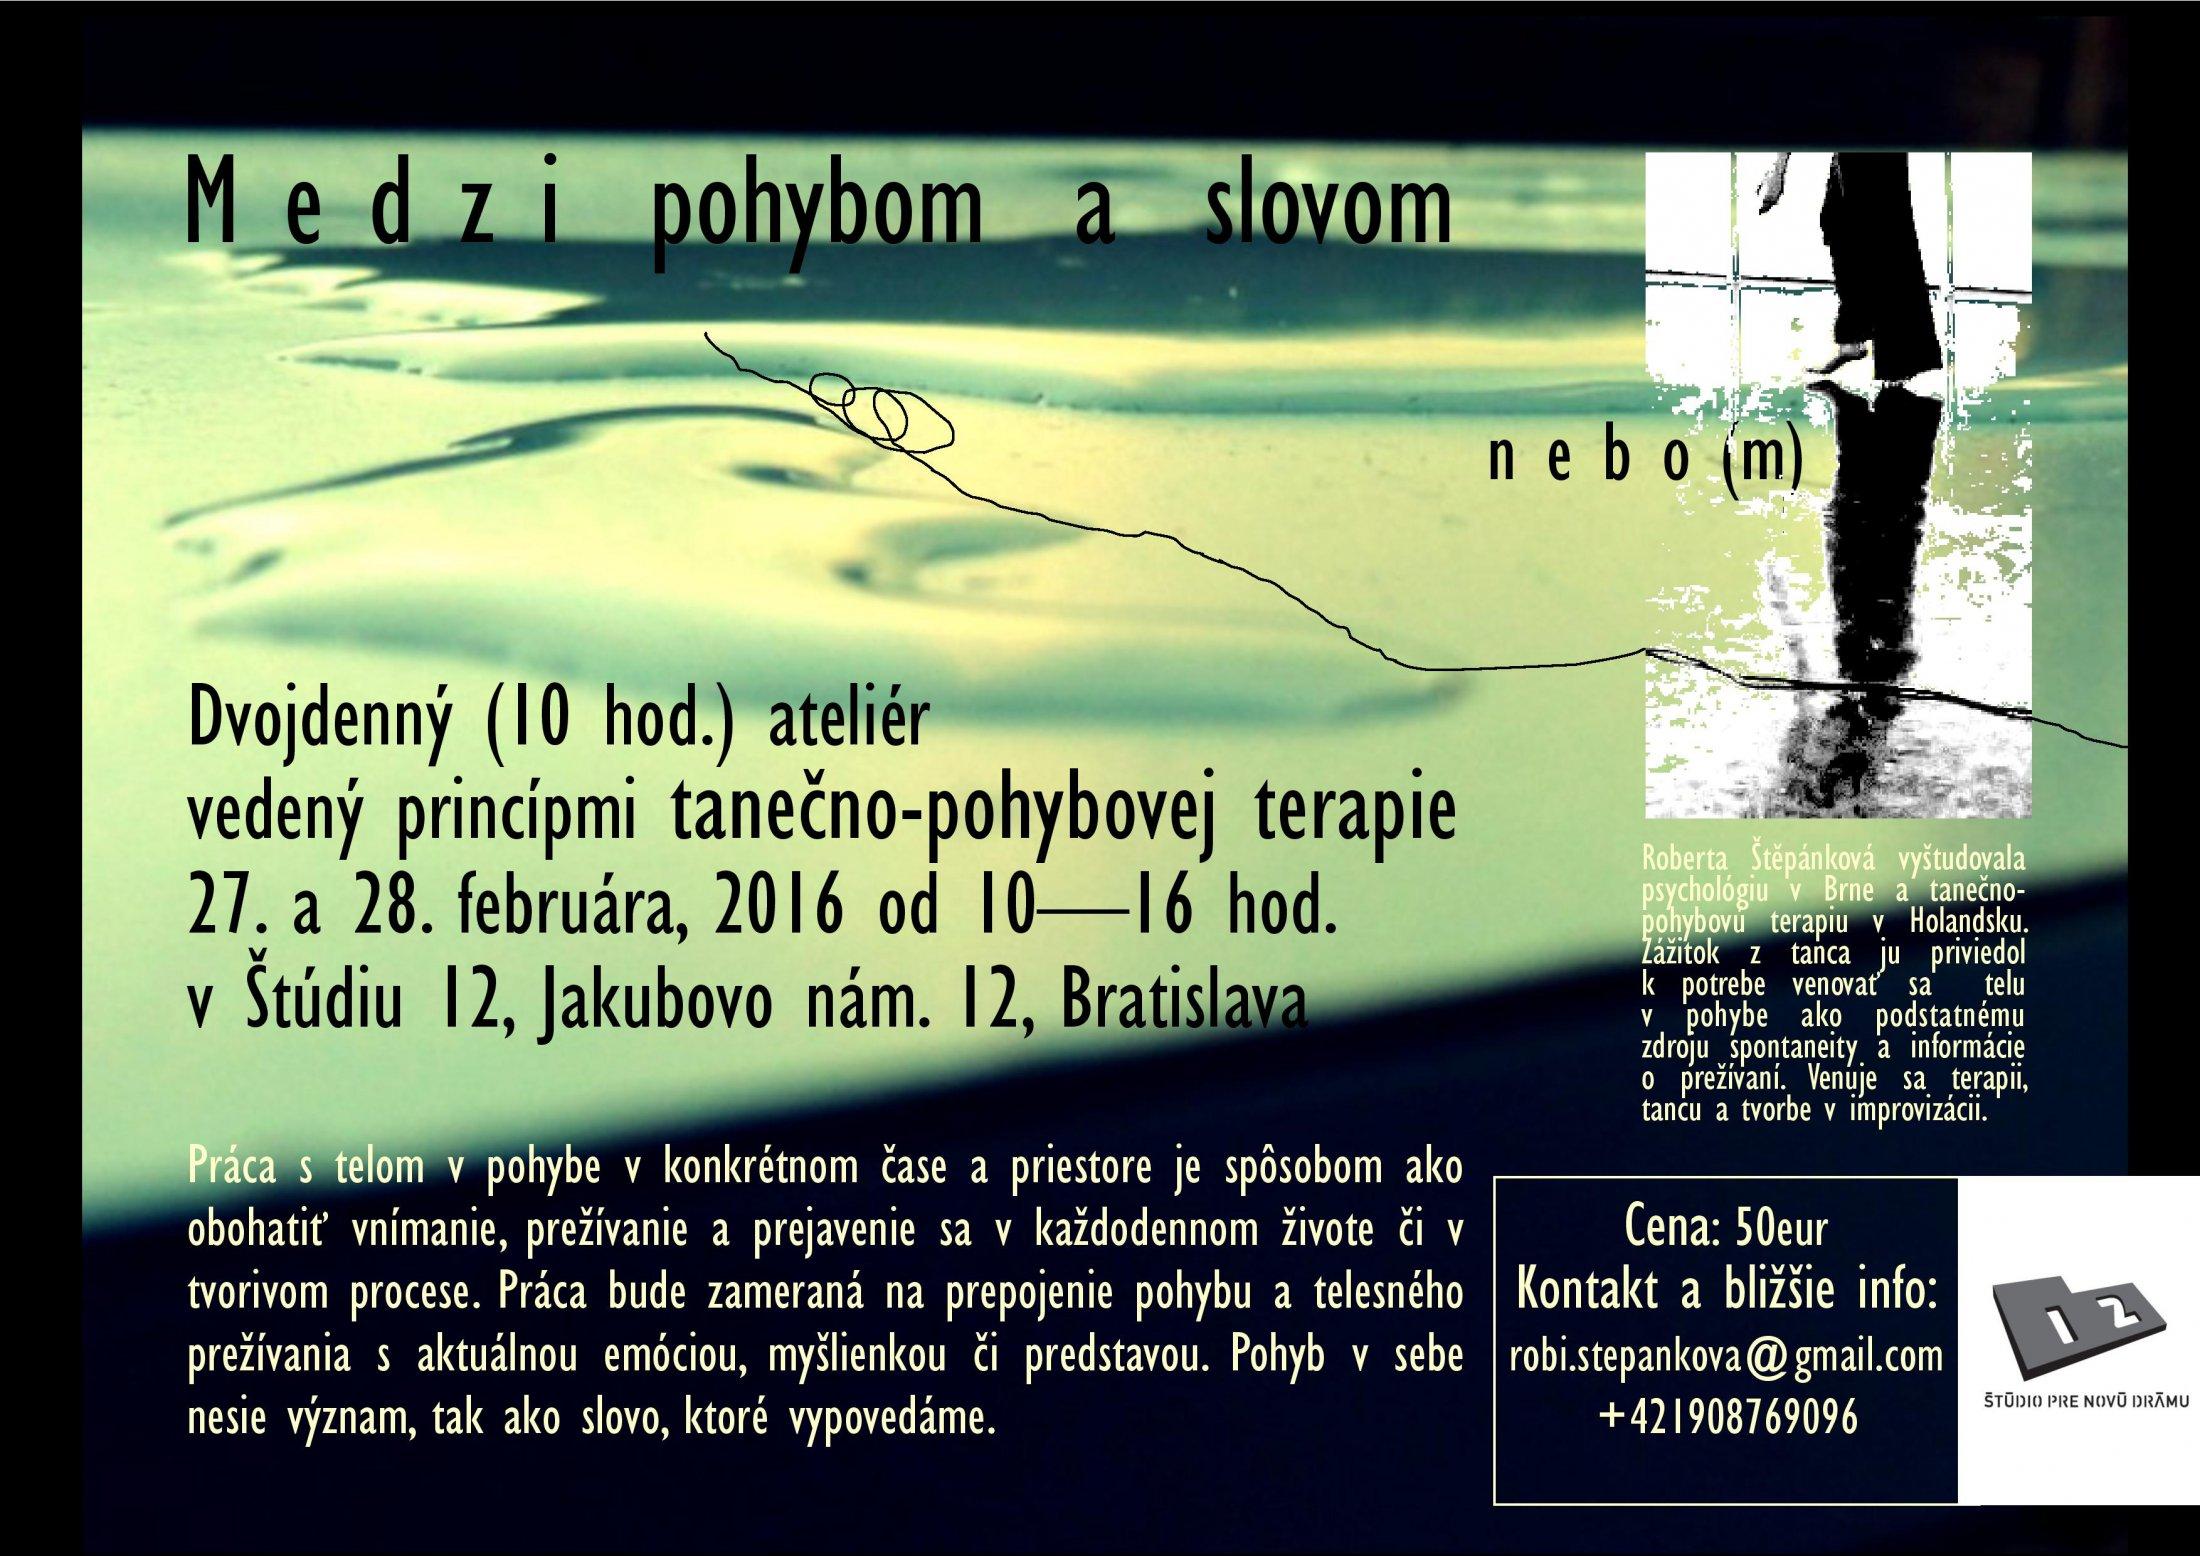 MEDZI POHYBOM A SLOVOM Plagat-page-001(1)